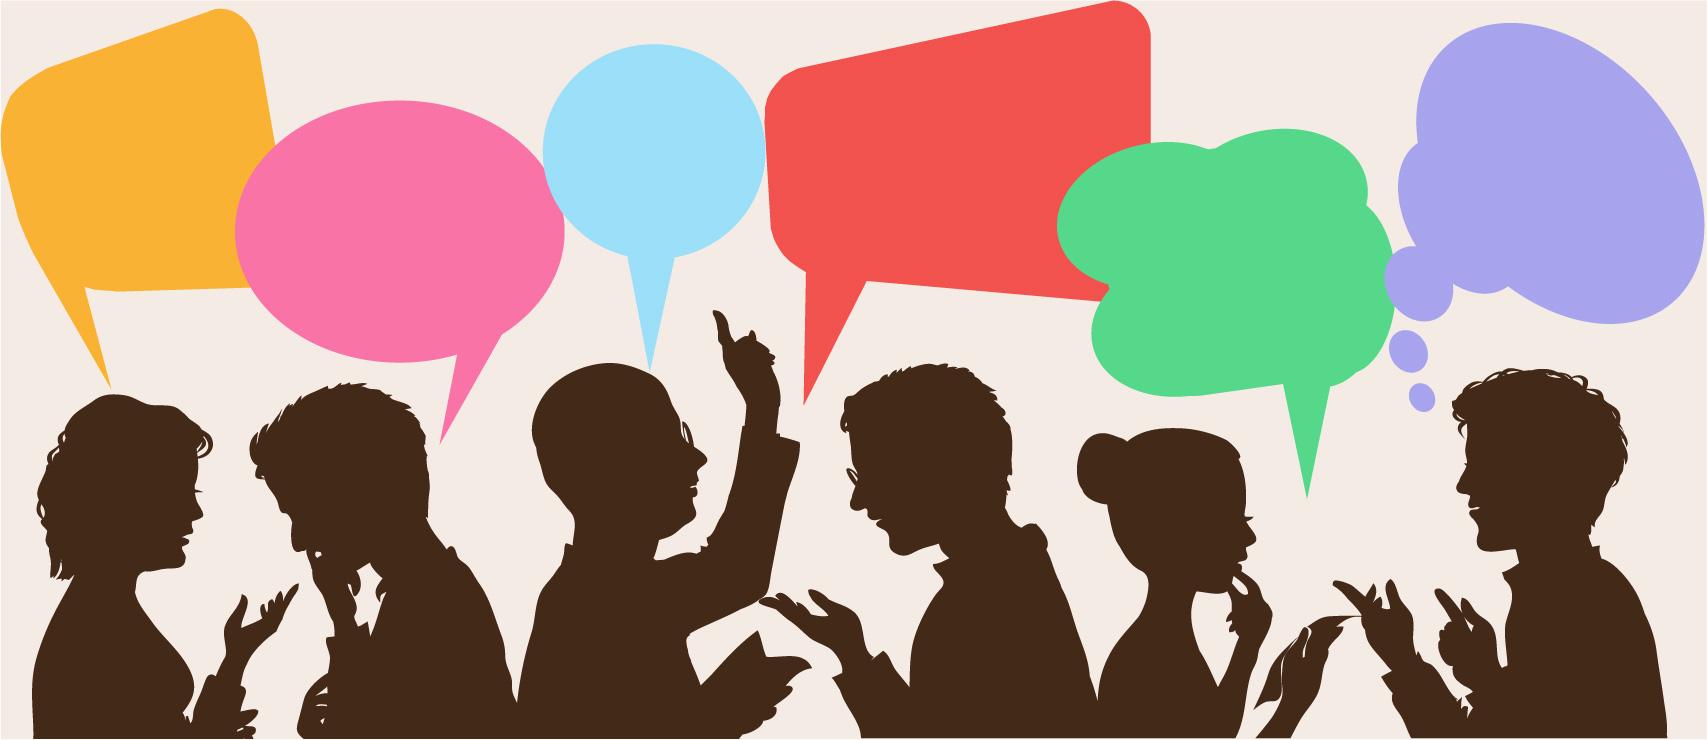 LAS 3 GRANDES CLAVES PARA POTENCIAR TU COMUNICACIÓN EFECTIVA EN EL TRABAJO (O PARA TUS EMPRENDIMIENTOS)